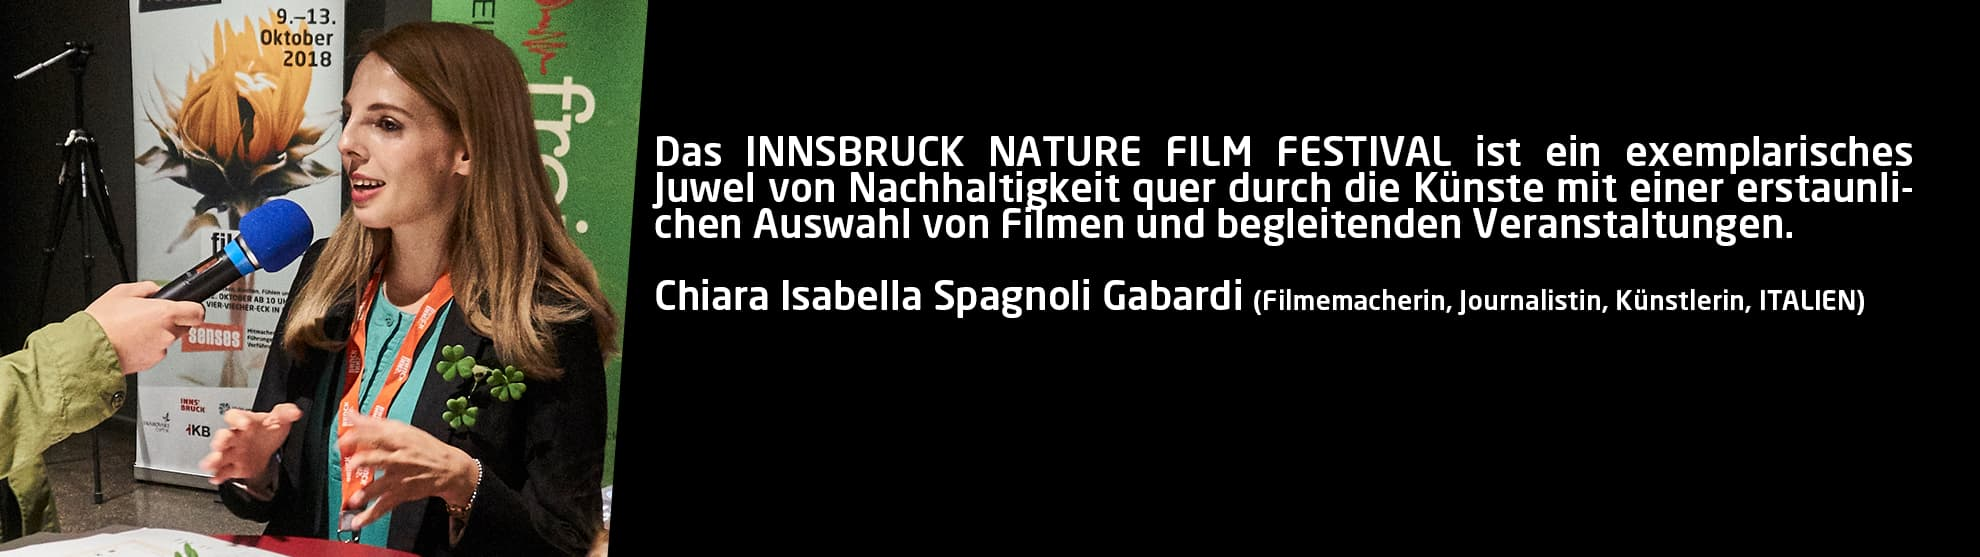 slider-chiara_isabella_spagnoli_gabardi-deutsch